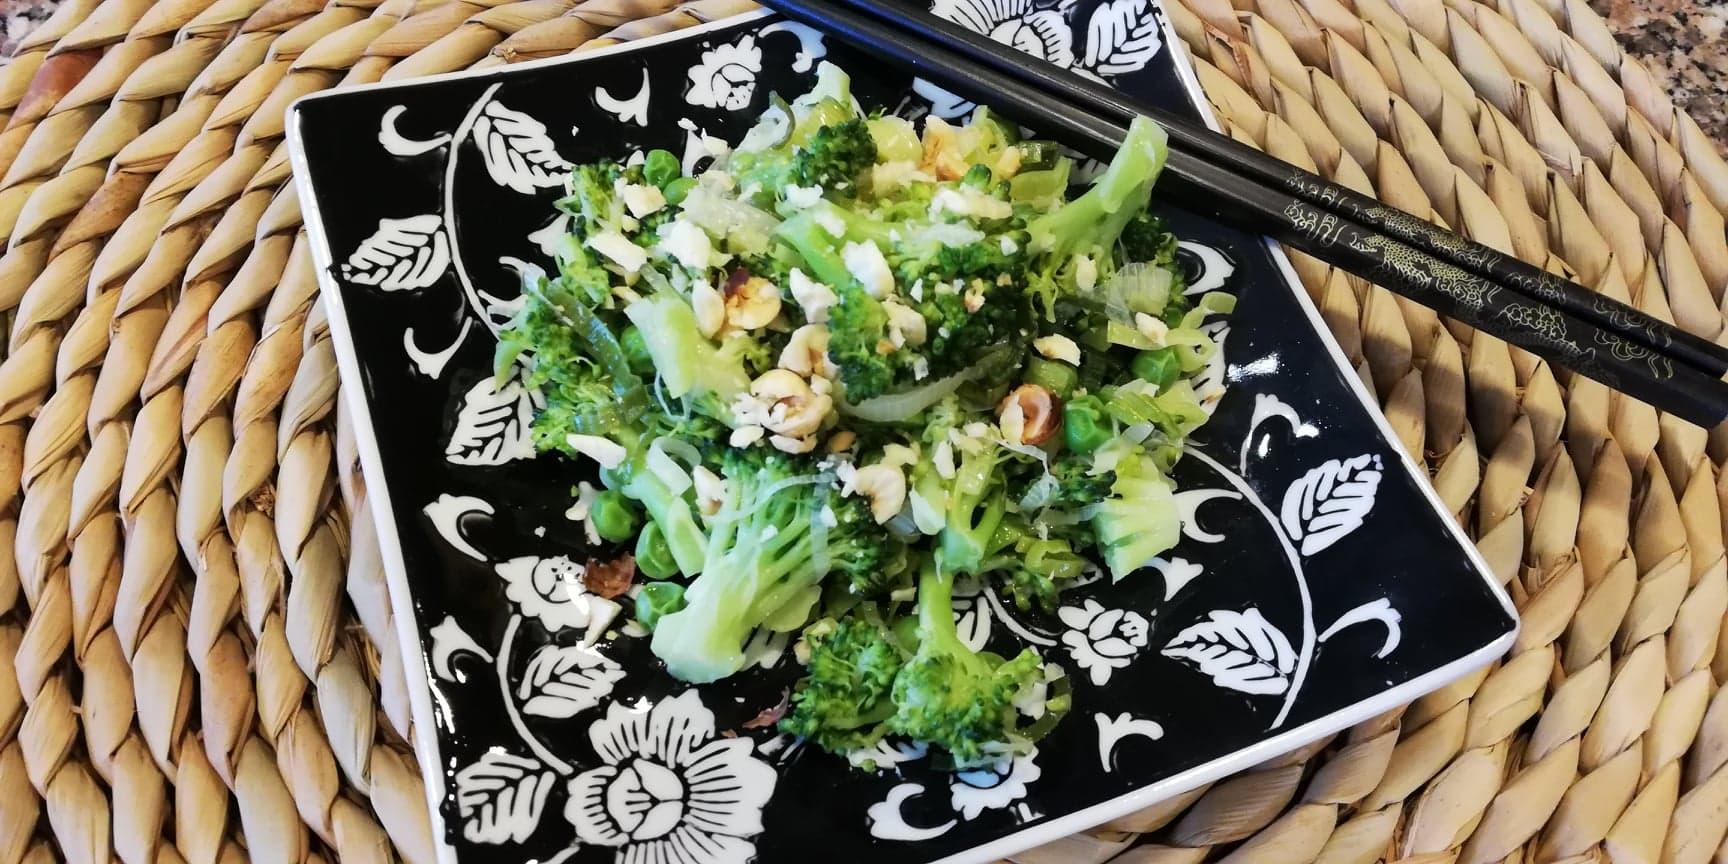 Brócolos Salteados (e como aproveitar todos os benefícios deste alimento) - Mil Grãos